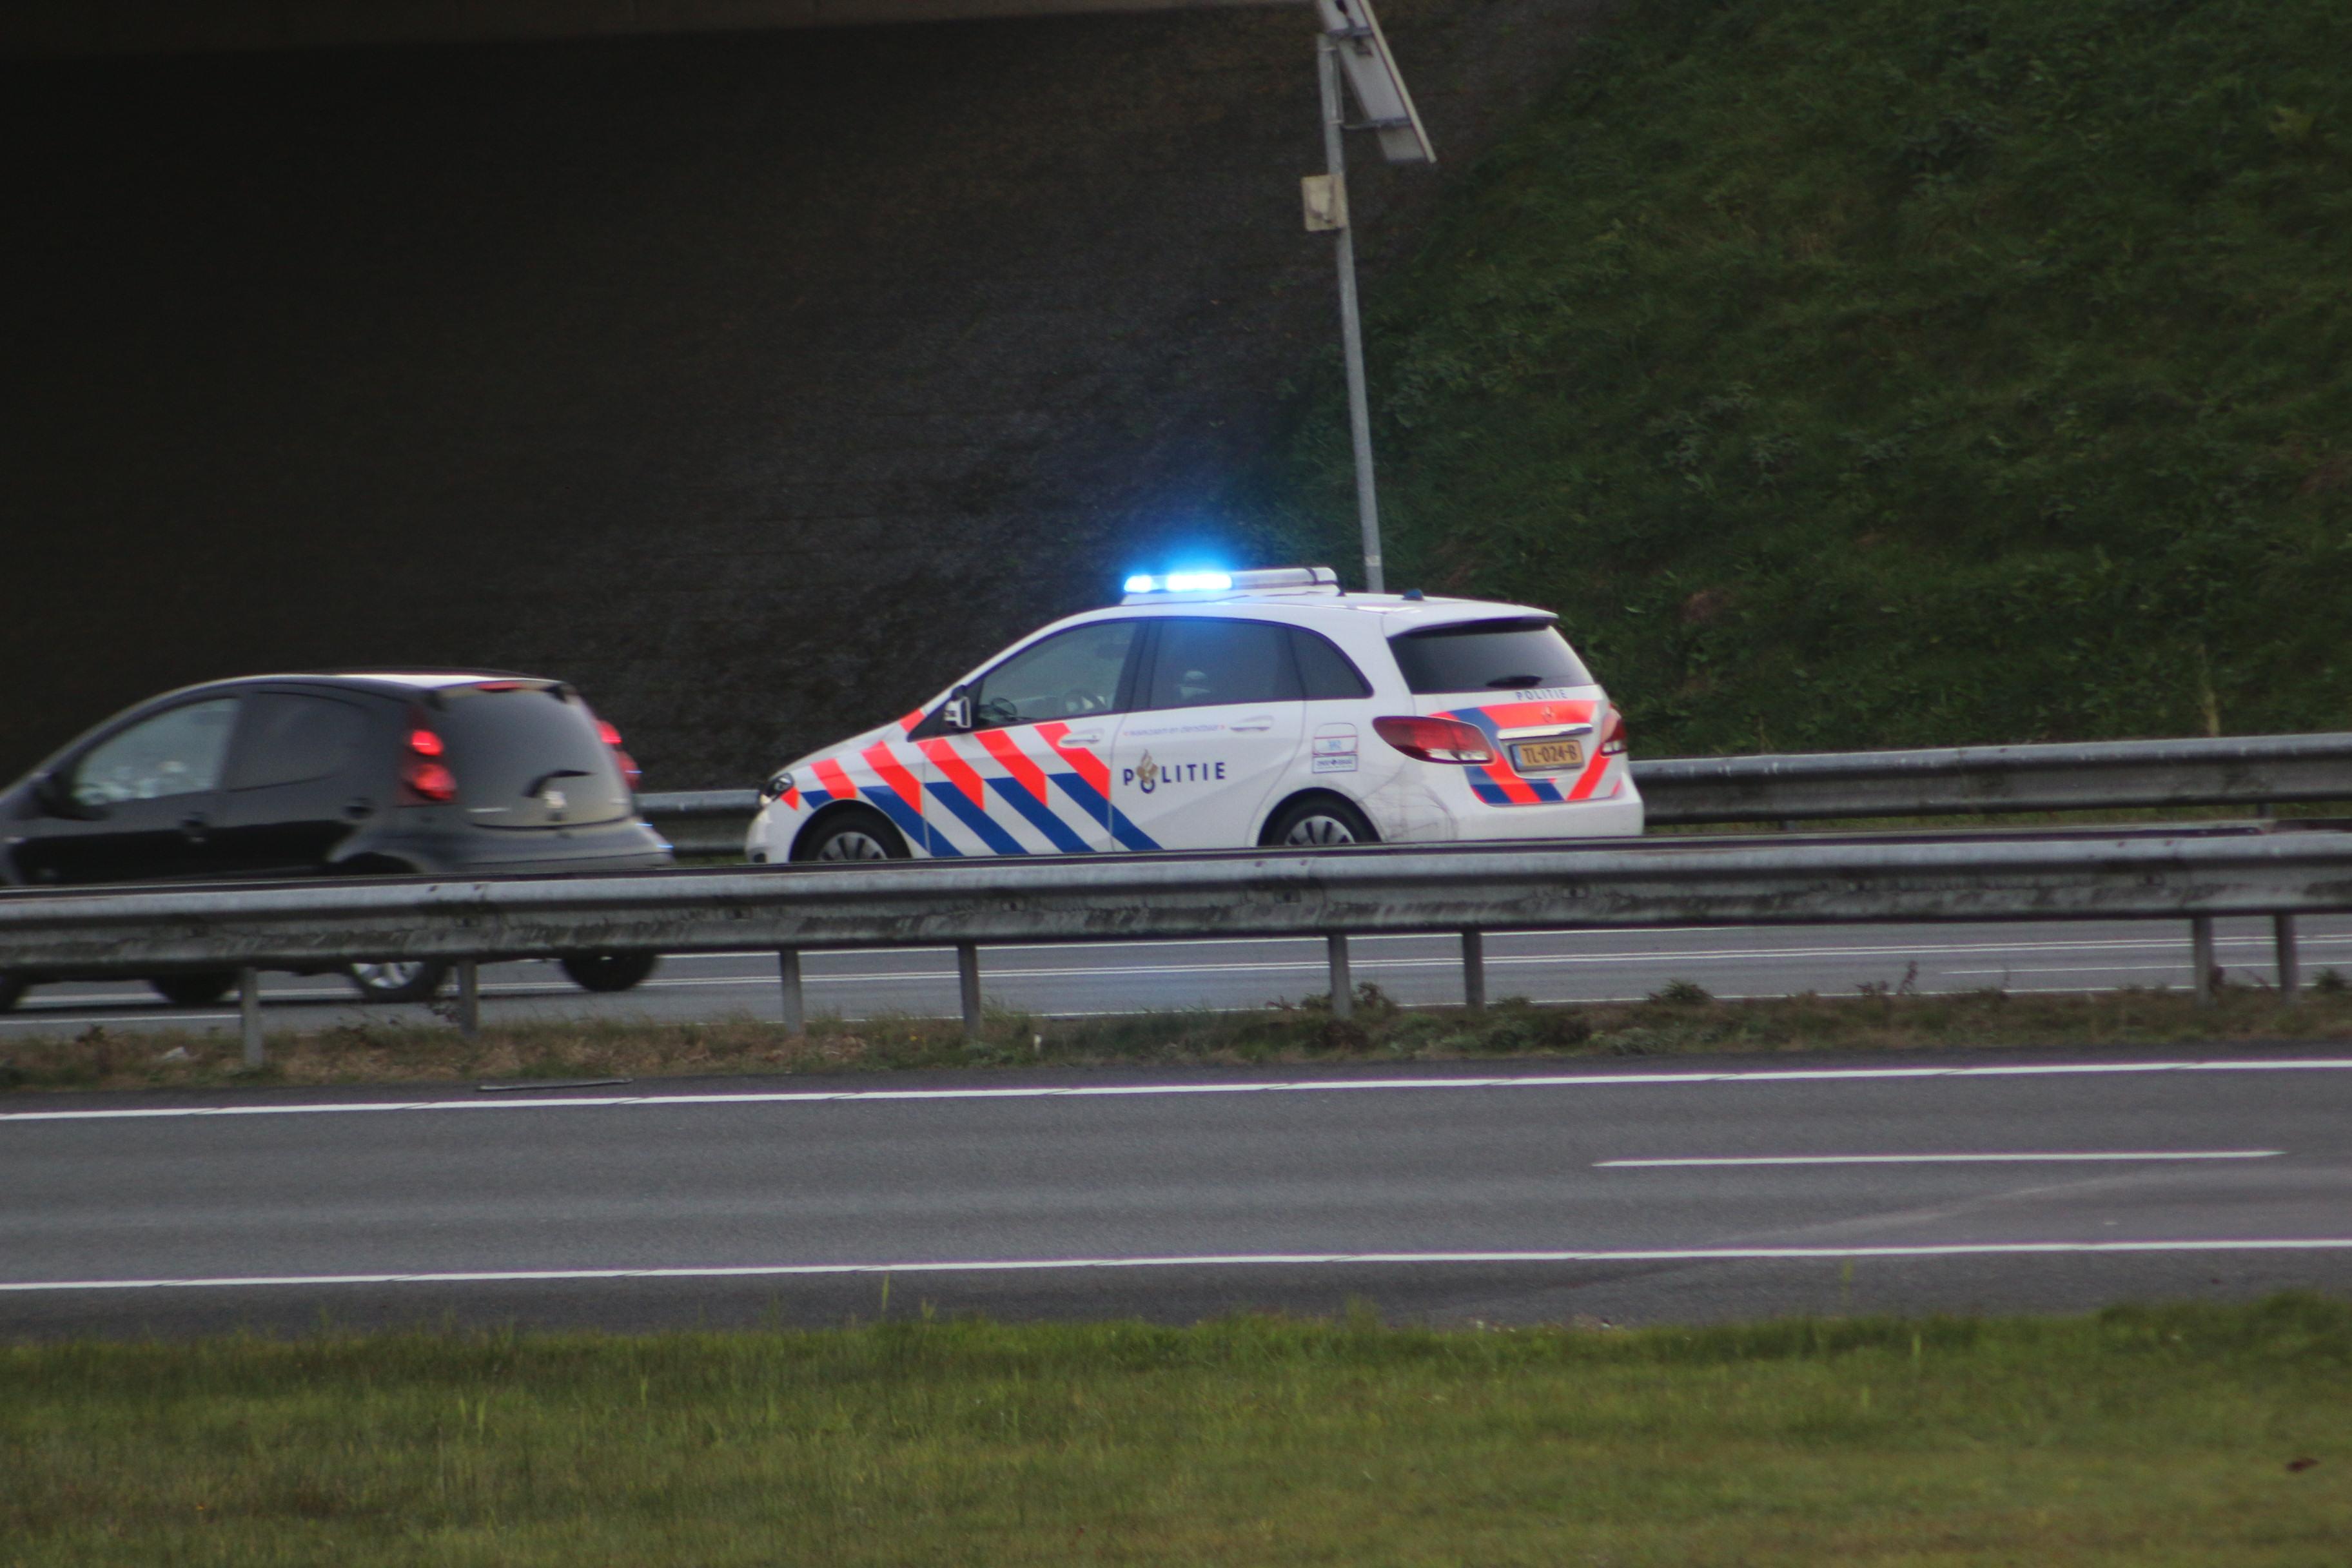 Overzicht van Meerdere woninginbraken in de Gemeente Opsterland en Smallingerland.